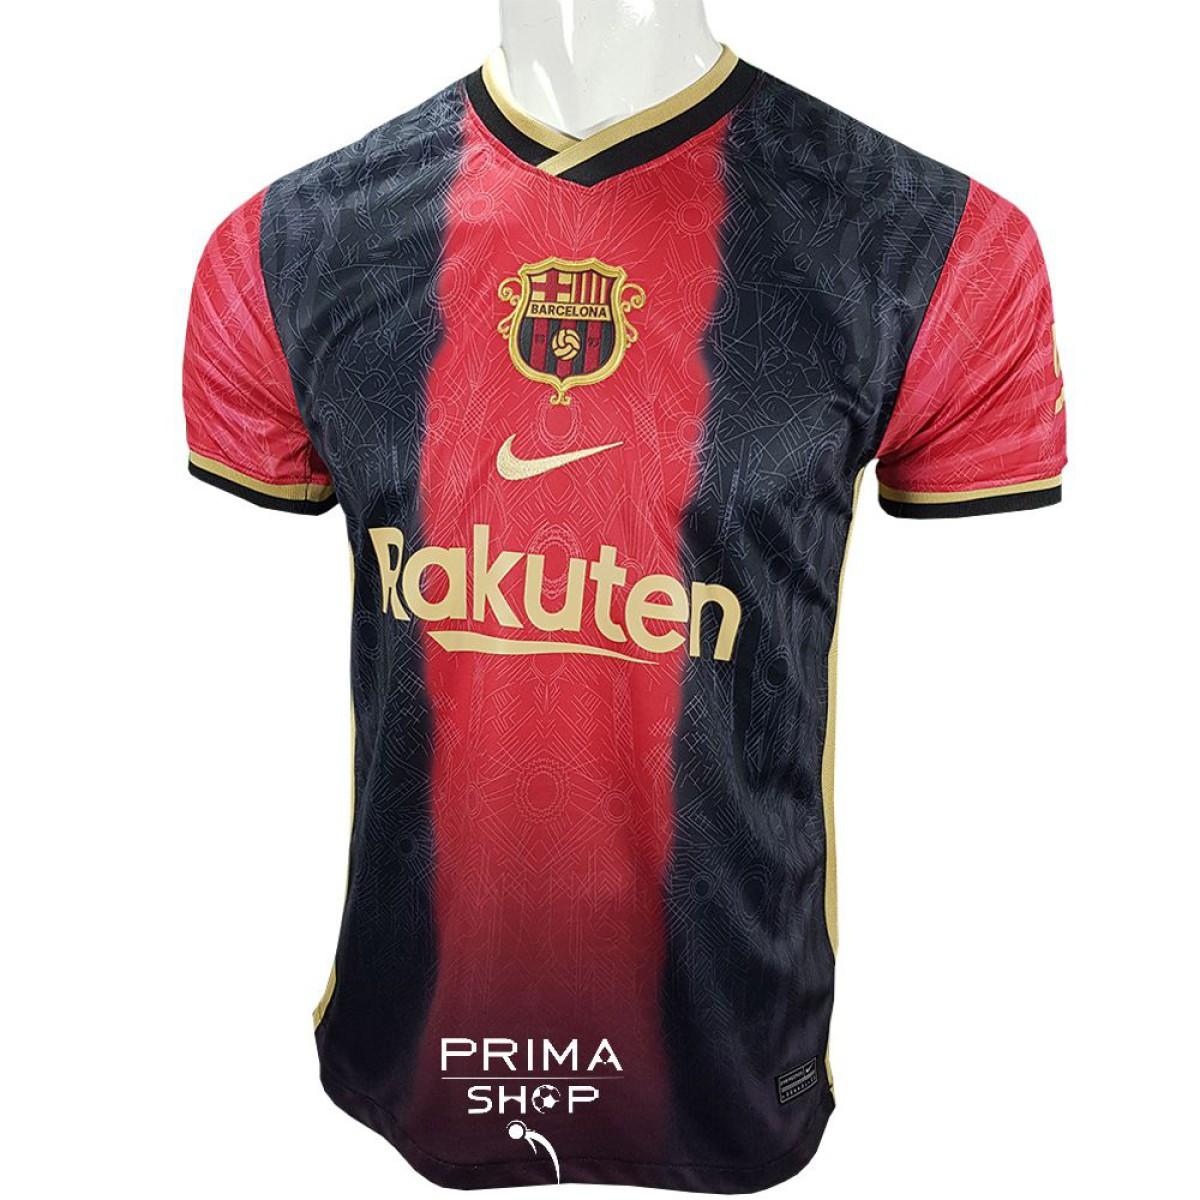 لباس کانسپت بارسلونا 2022 مشکی قرمز